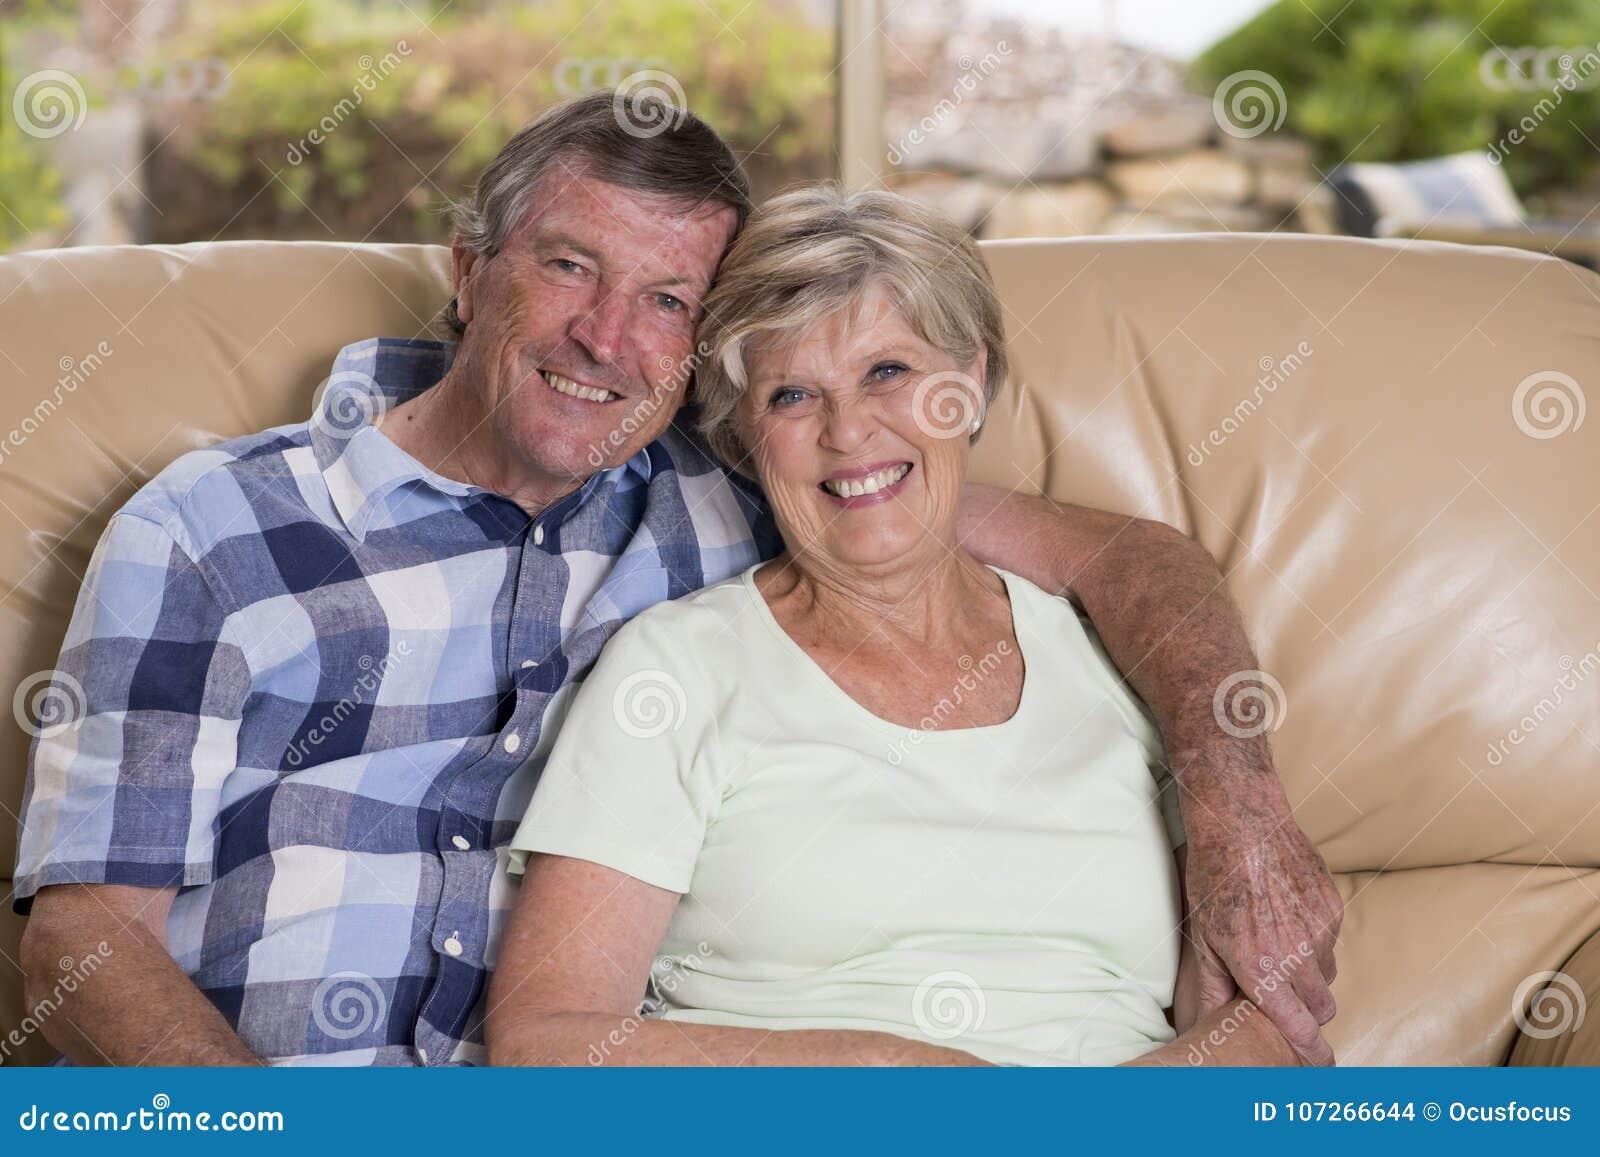 资深美好的中年夫妇大约70岁看起来微笑的愉快的一起在家客厅沙发的长沙发甜在生活中